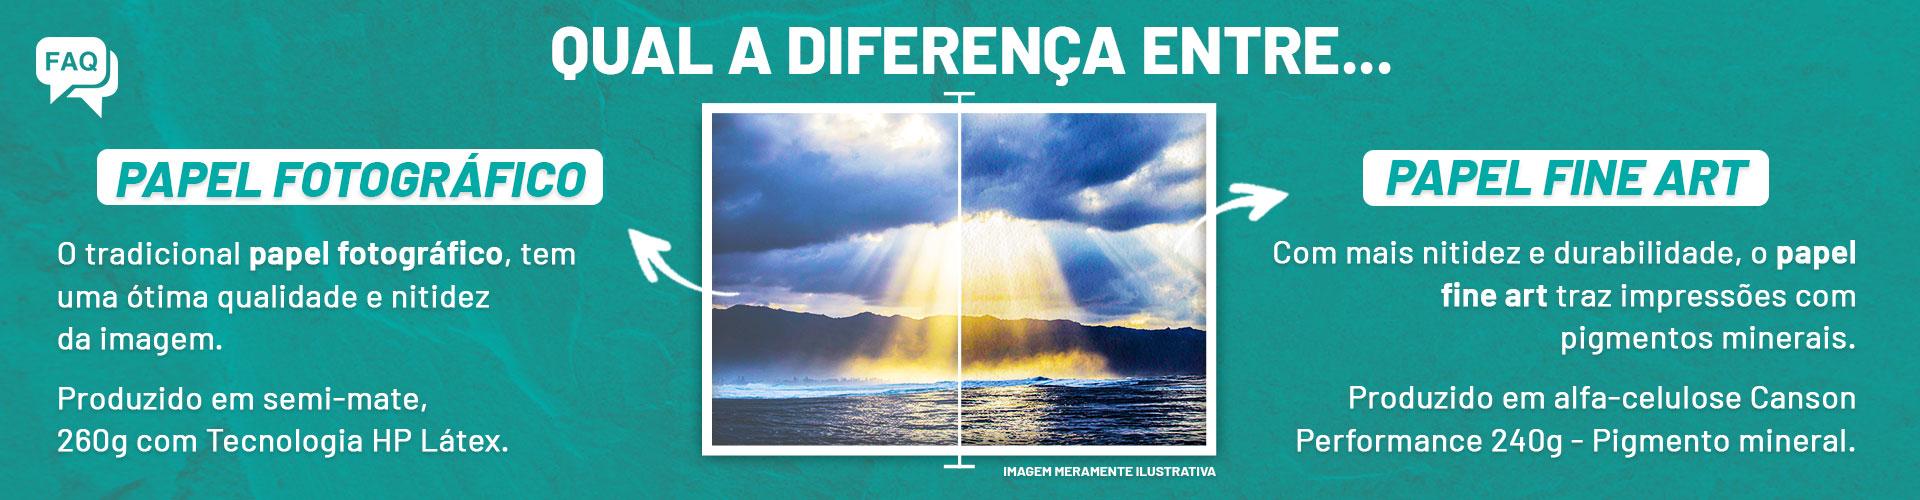 Home | Diferença Papel Fotográfico e Fine Art